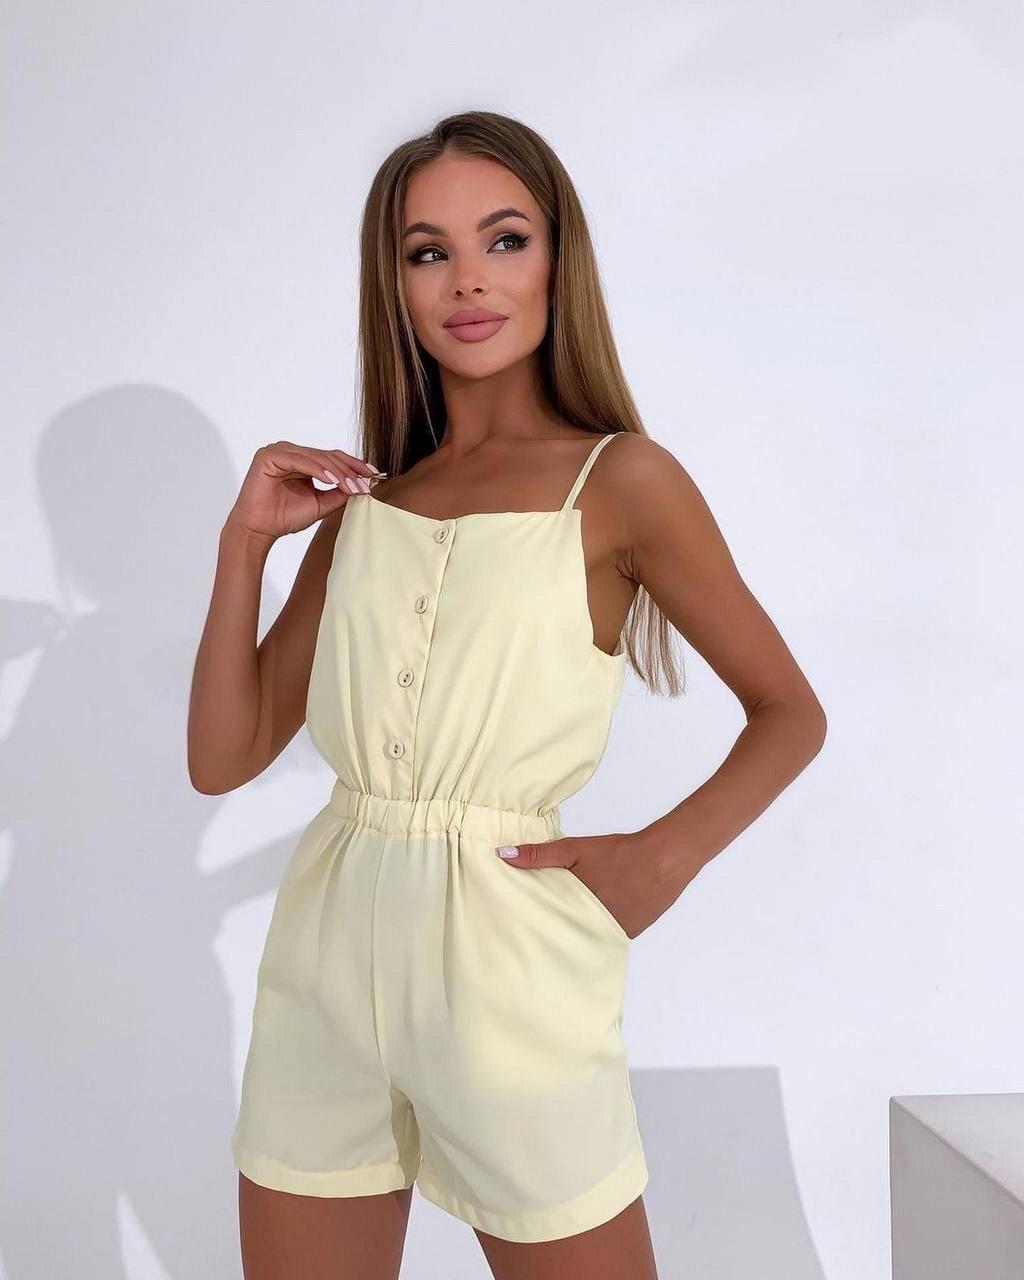 Легкий комбінезон жіночий з софт, шортами на резинці, 01002 (Жовтий), Розмір 42 (S)